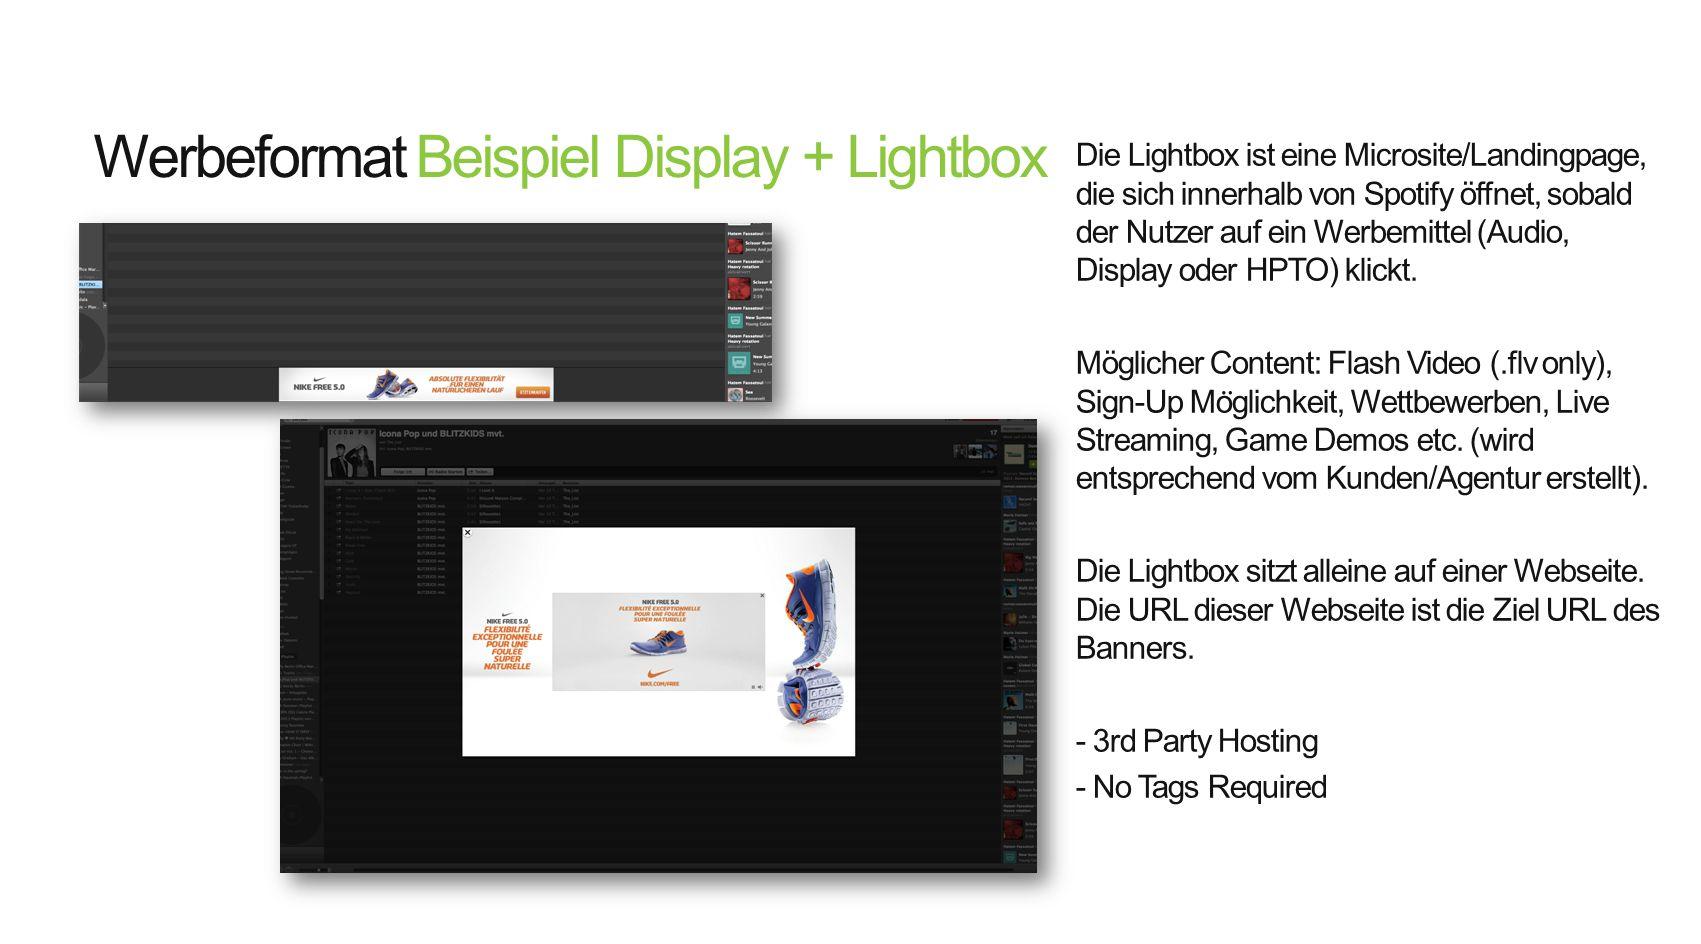 Werbeformat Beispiel Display + Lightbox Die Lightbox ist eine Microsite/Landingpage, die sich innerhalb von Spotify öffnet, sobald der Nutzer auf ein